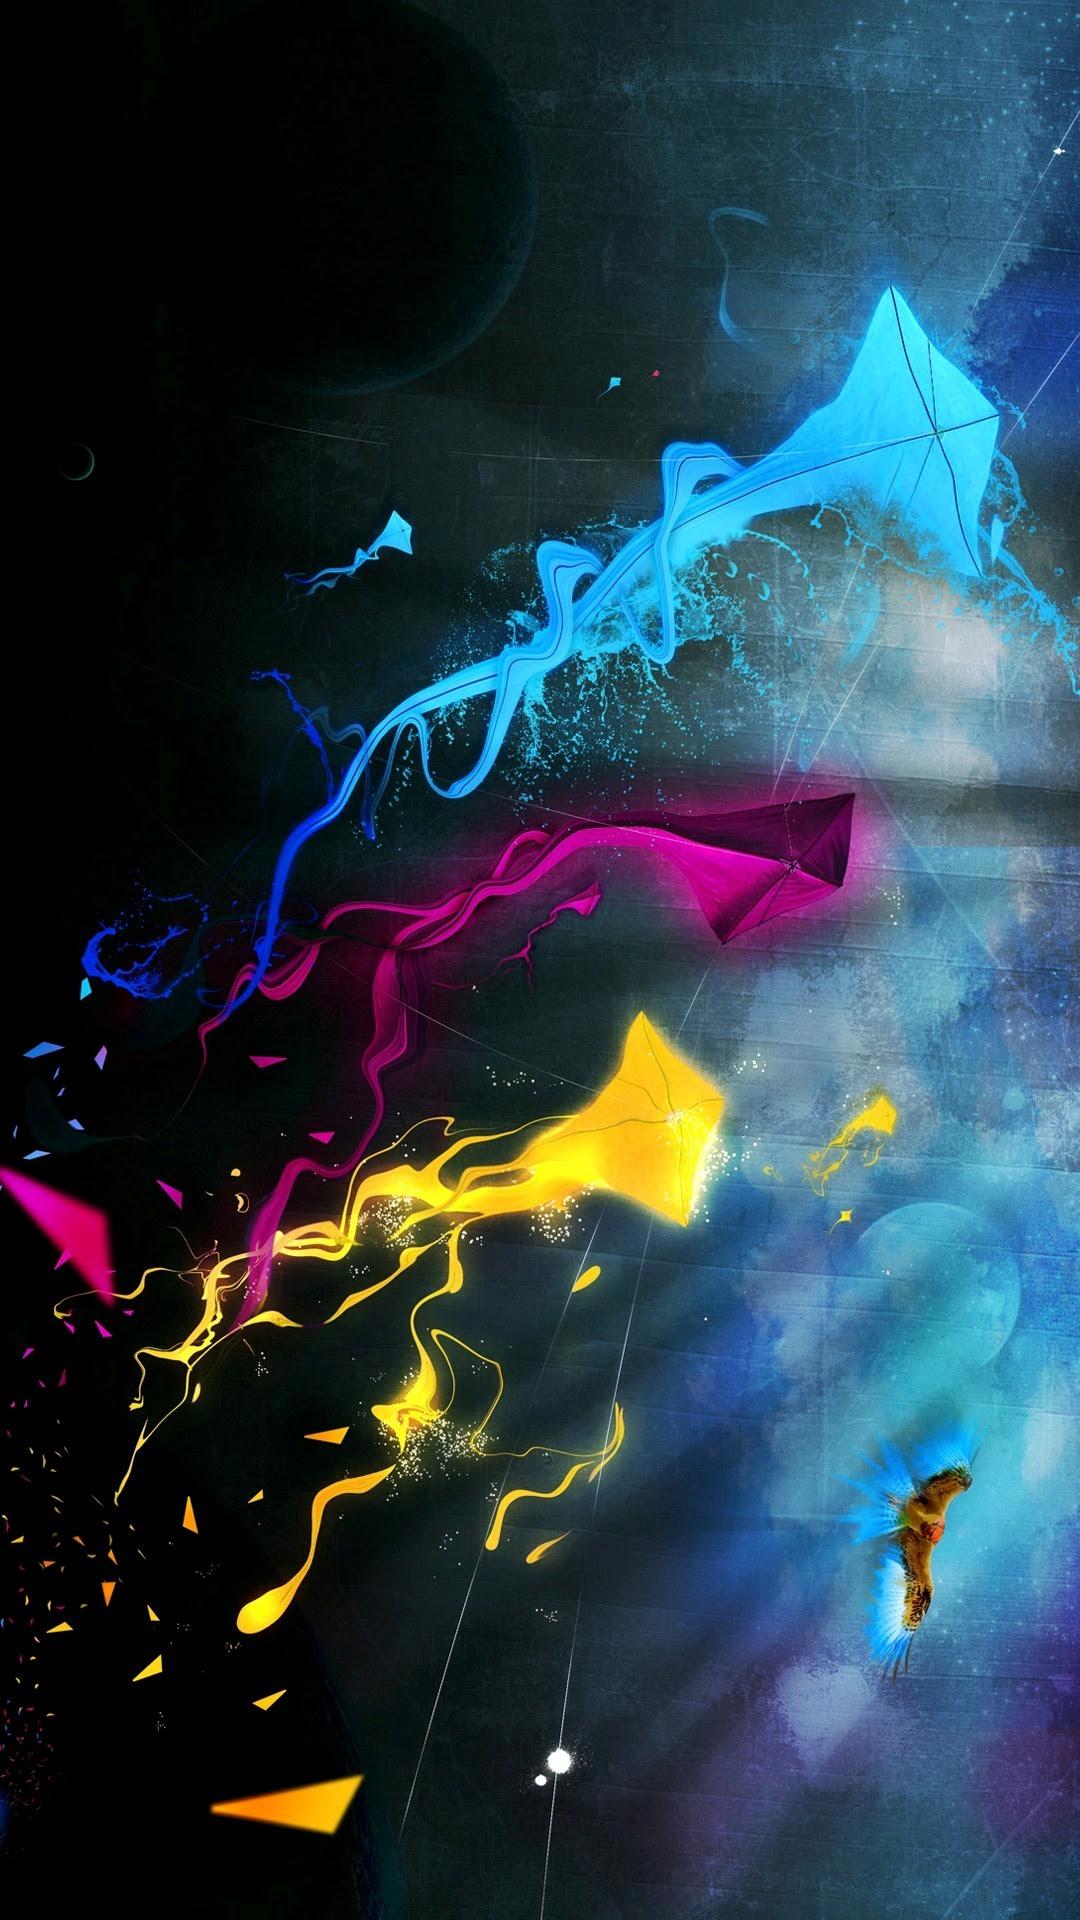 Wallpaper Hd Mobile Phones